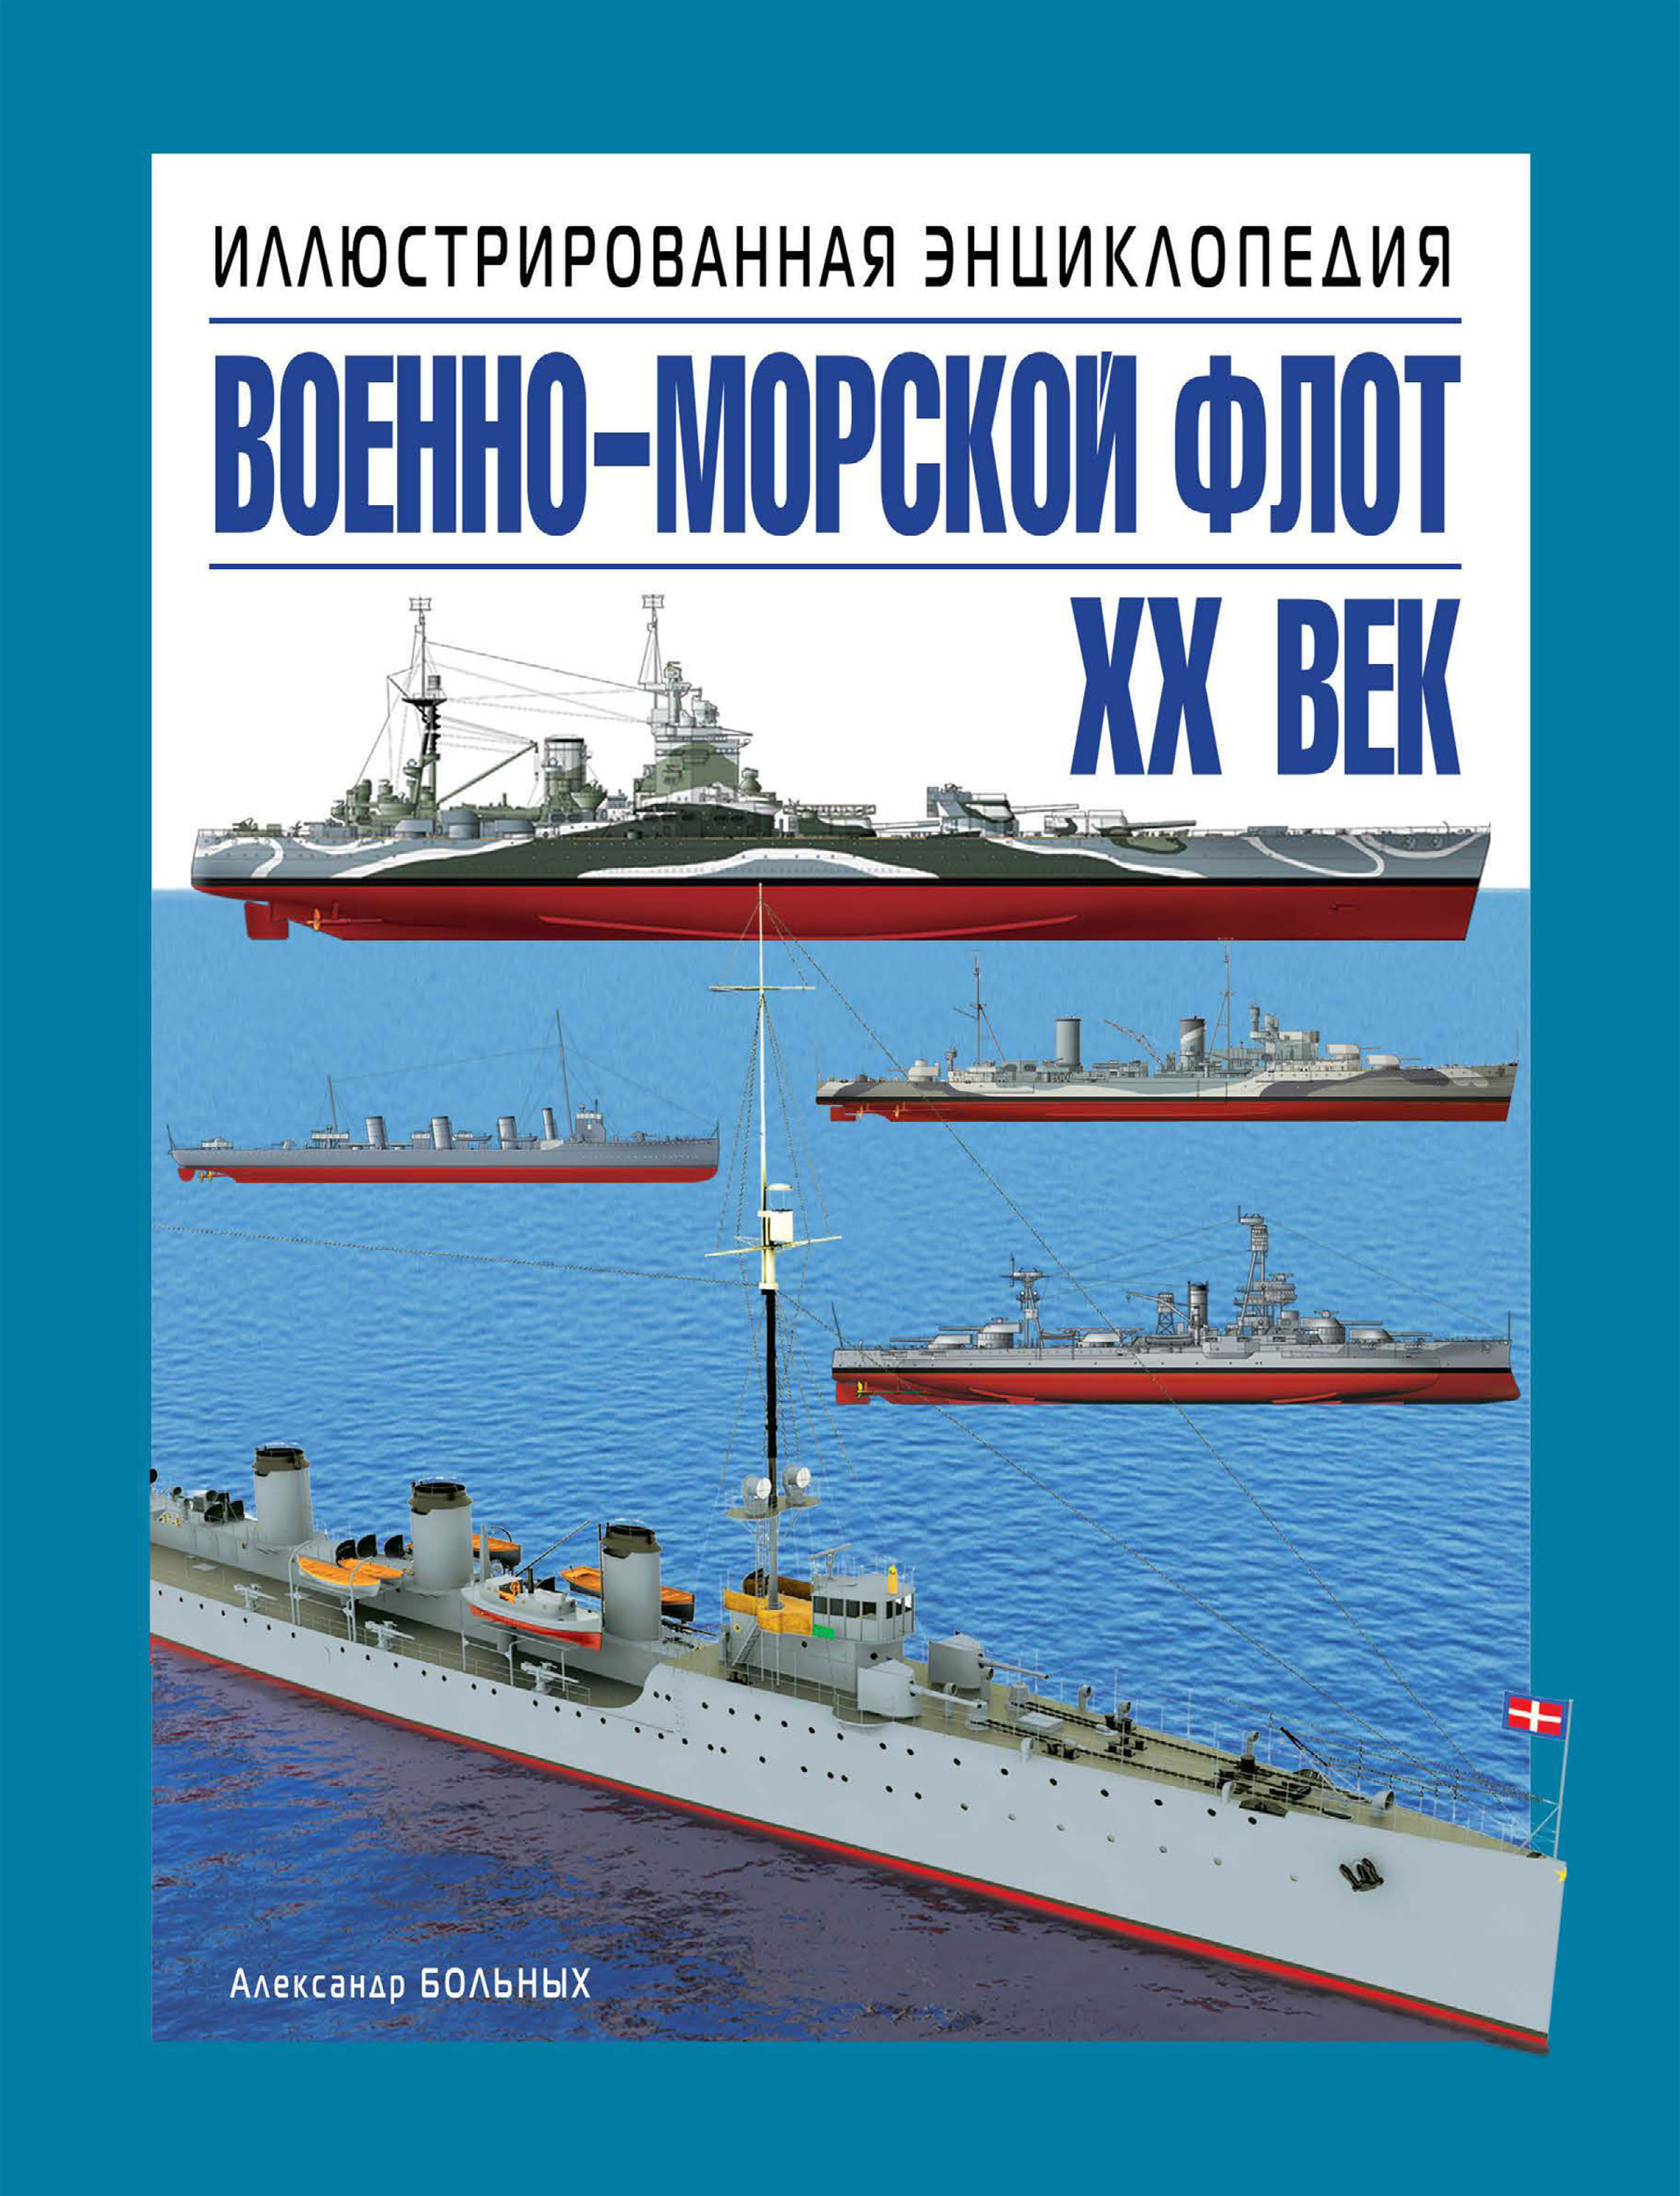 Военно-морской флот. XX век. Иллюстрированная энциклопедия